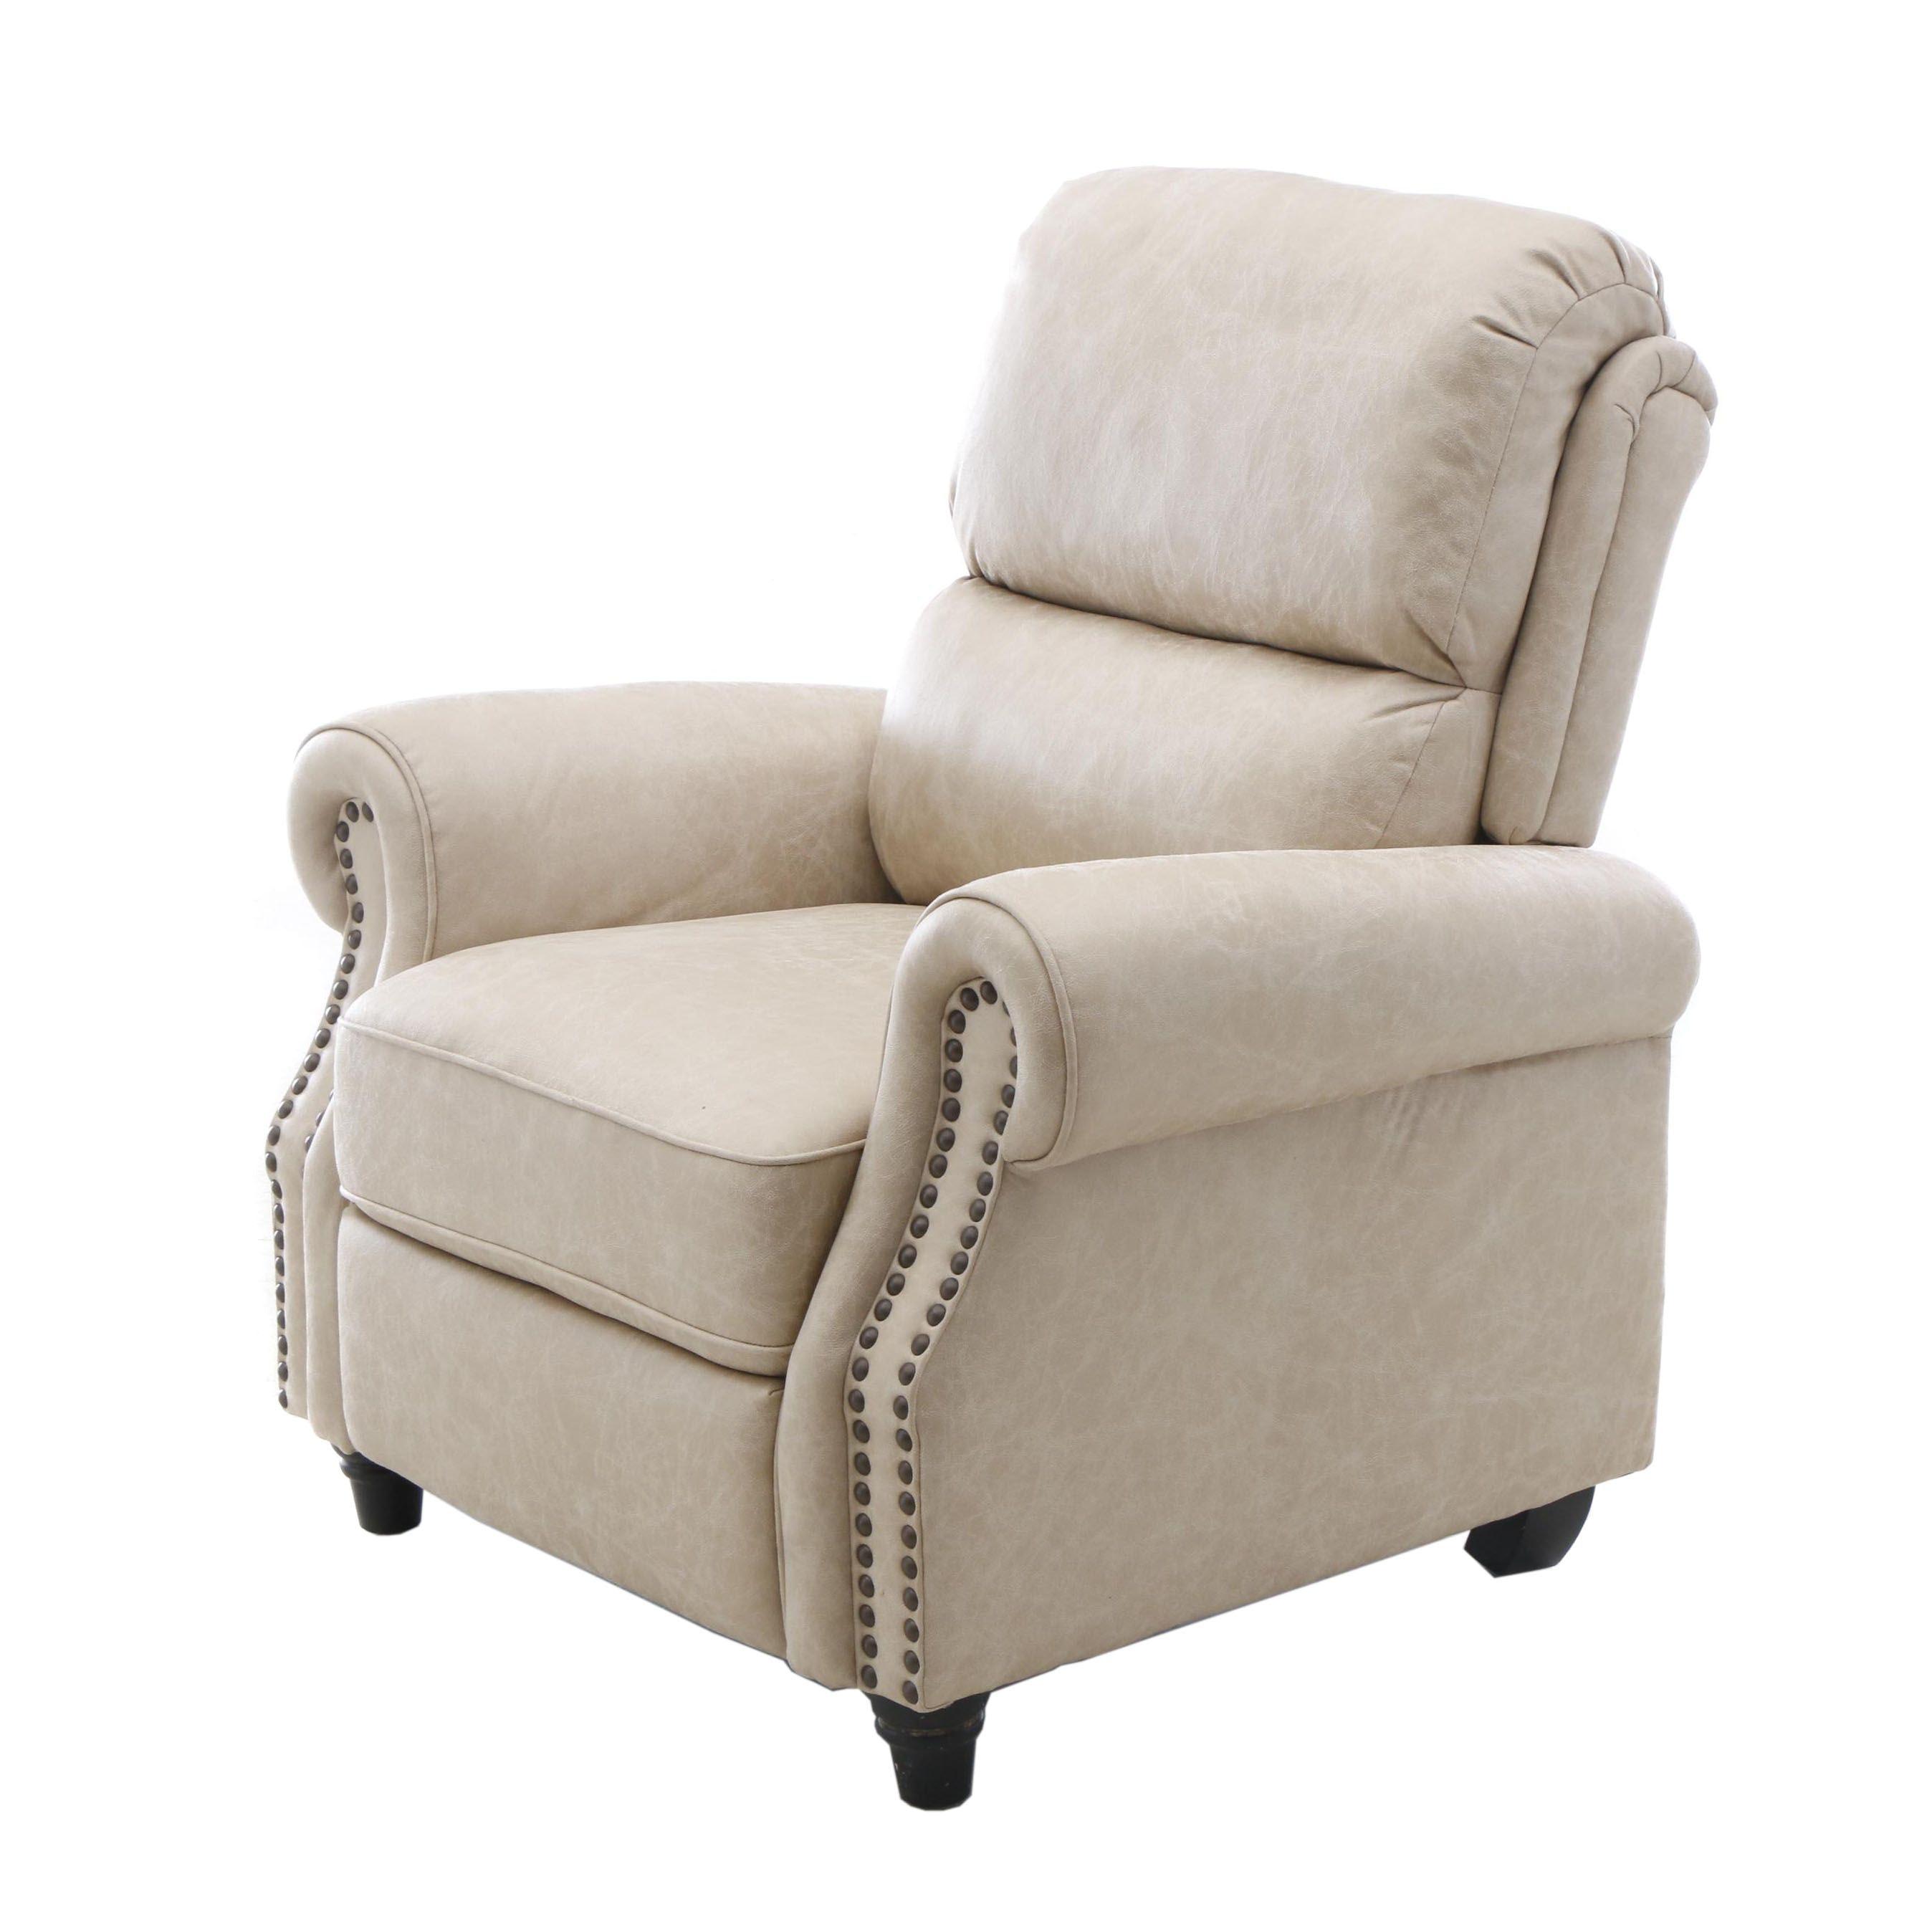 Handy Living Upholstered Recliner